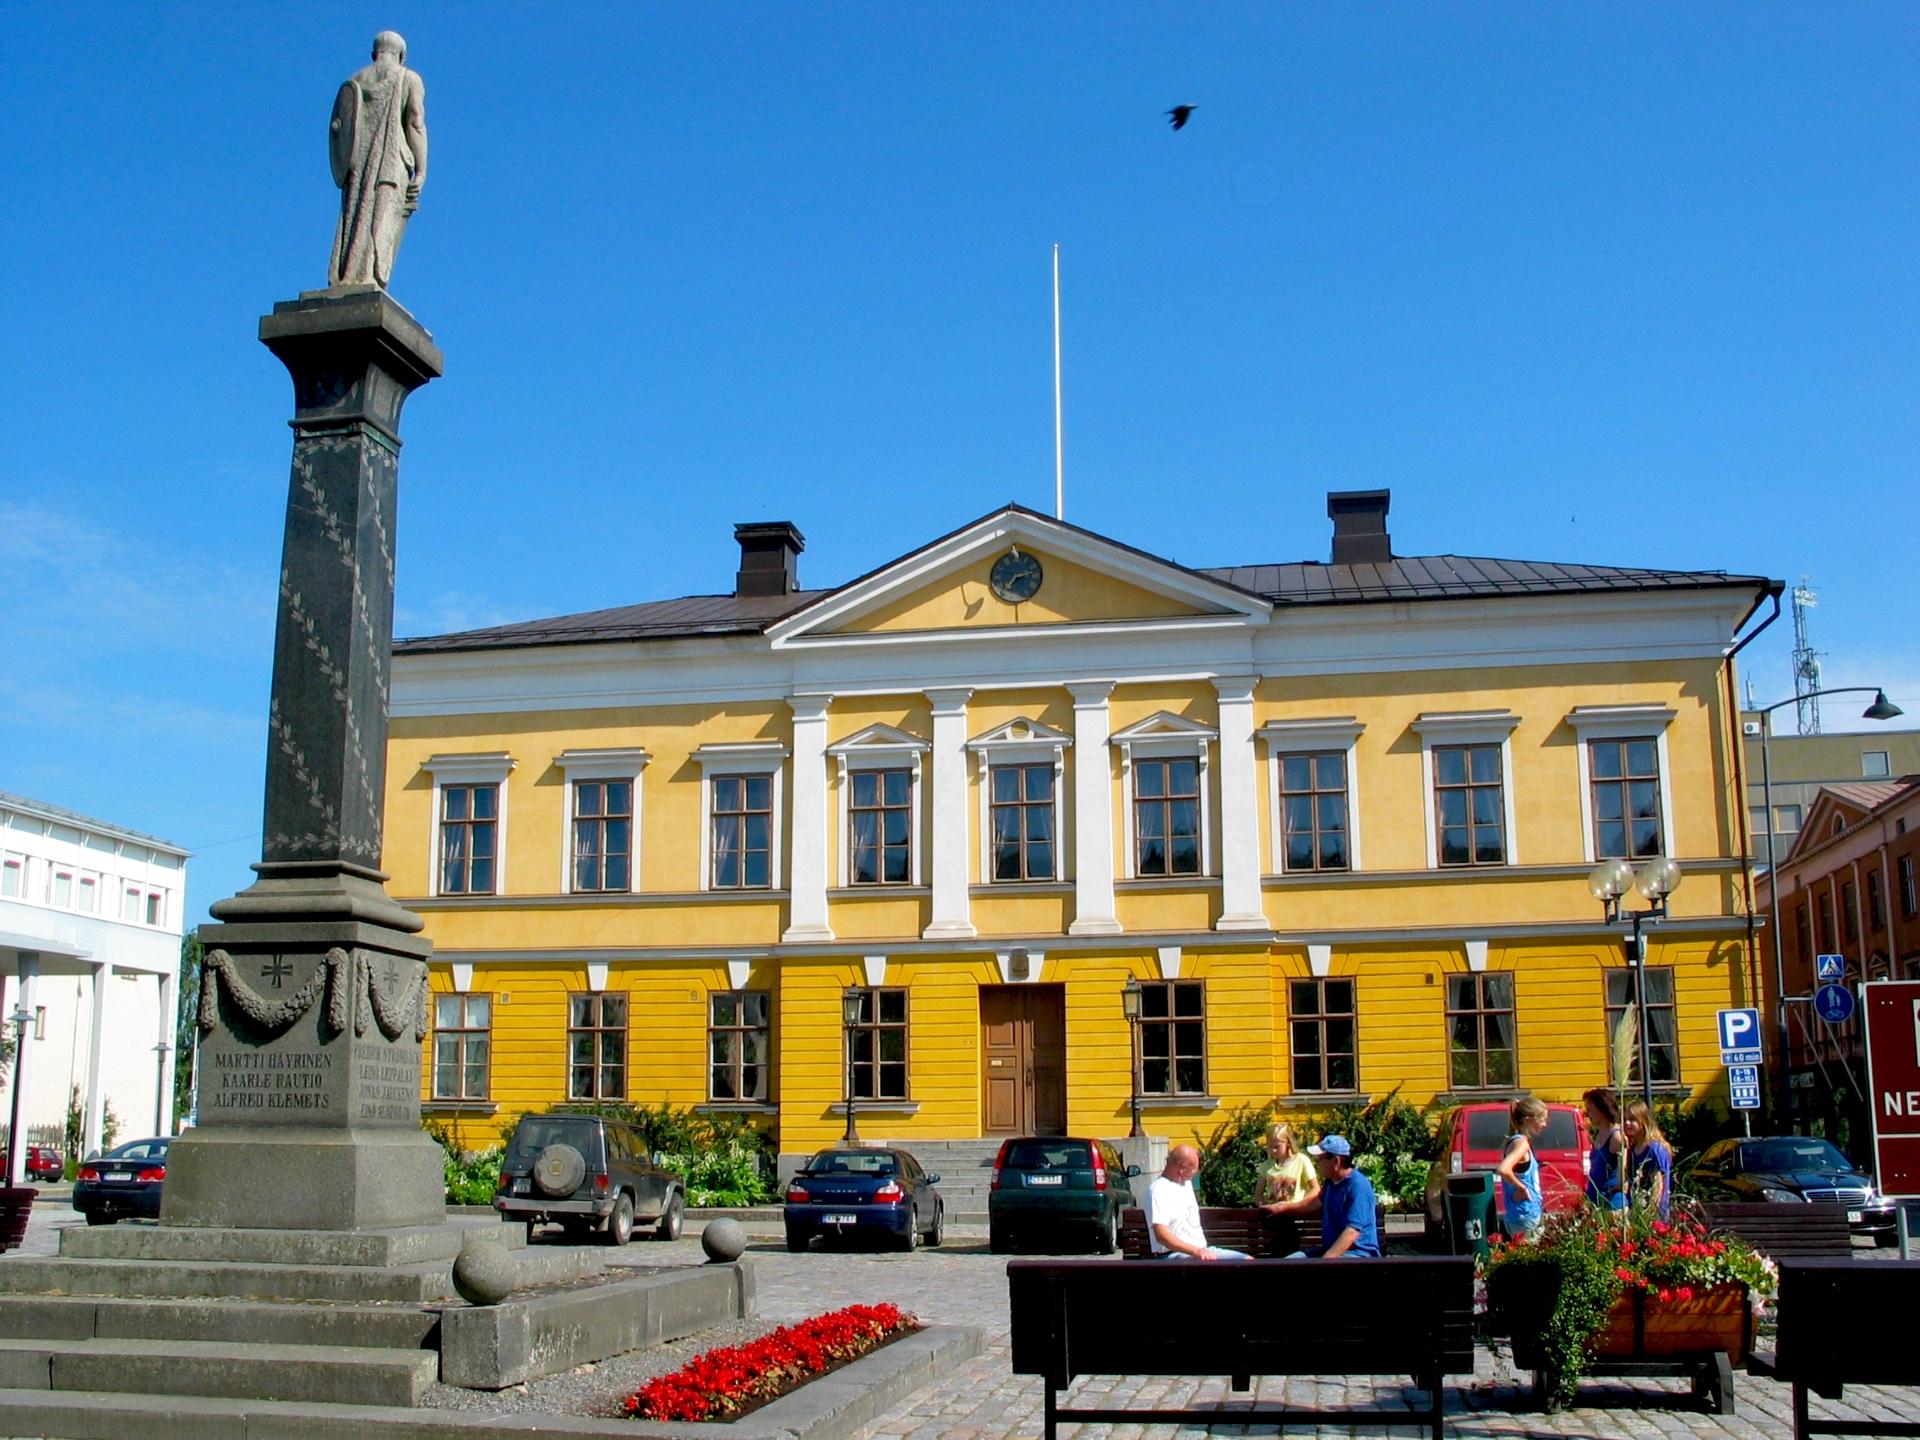 Kokkolan raatihuone ja Mannerheimin aukio kesäisenä päivänä.